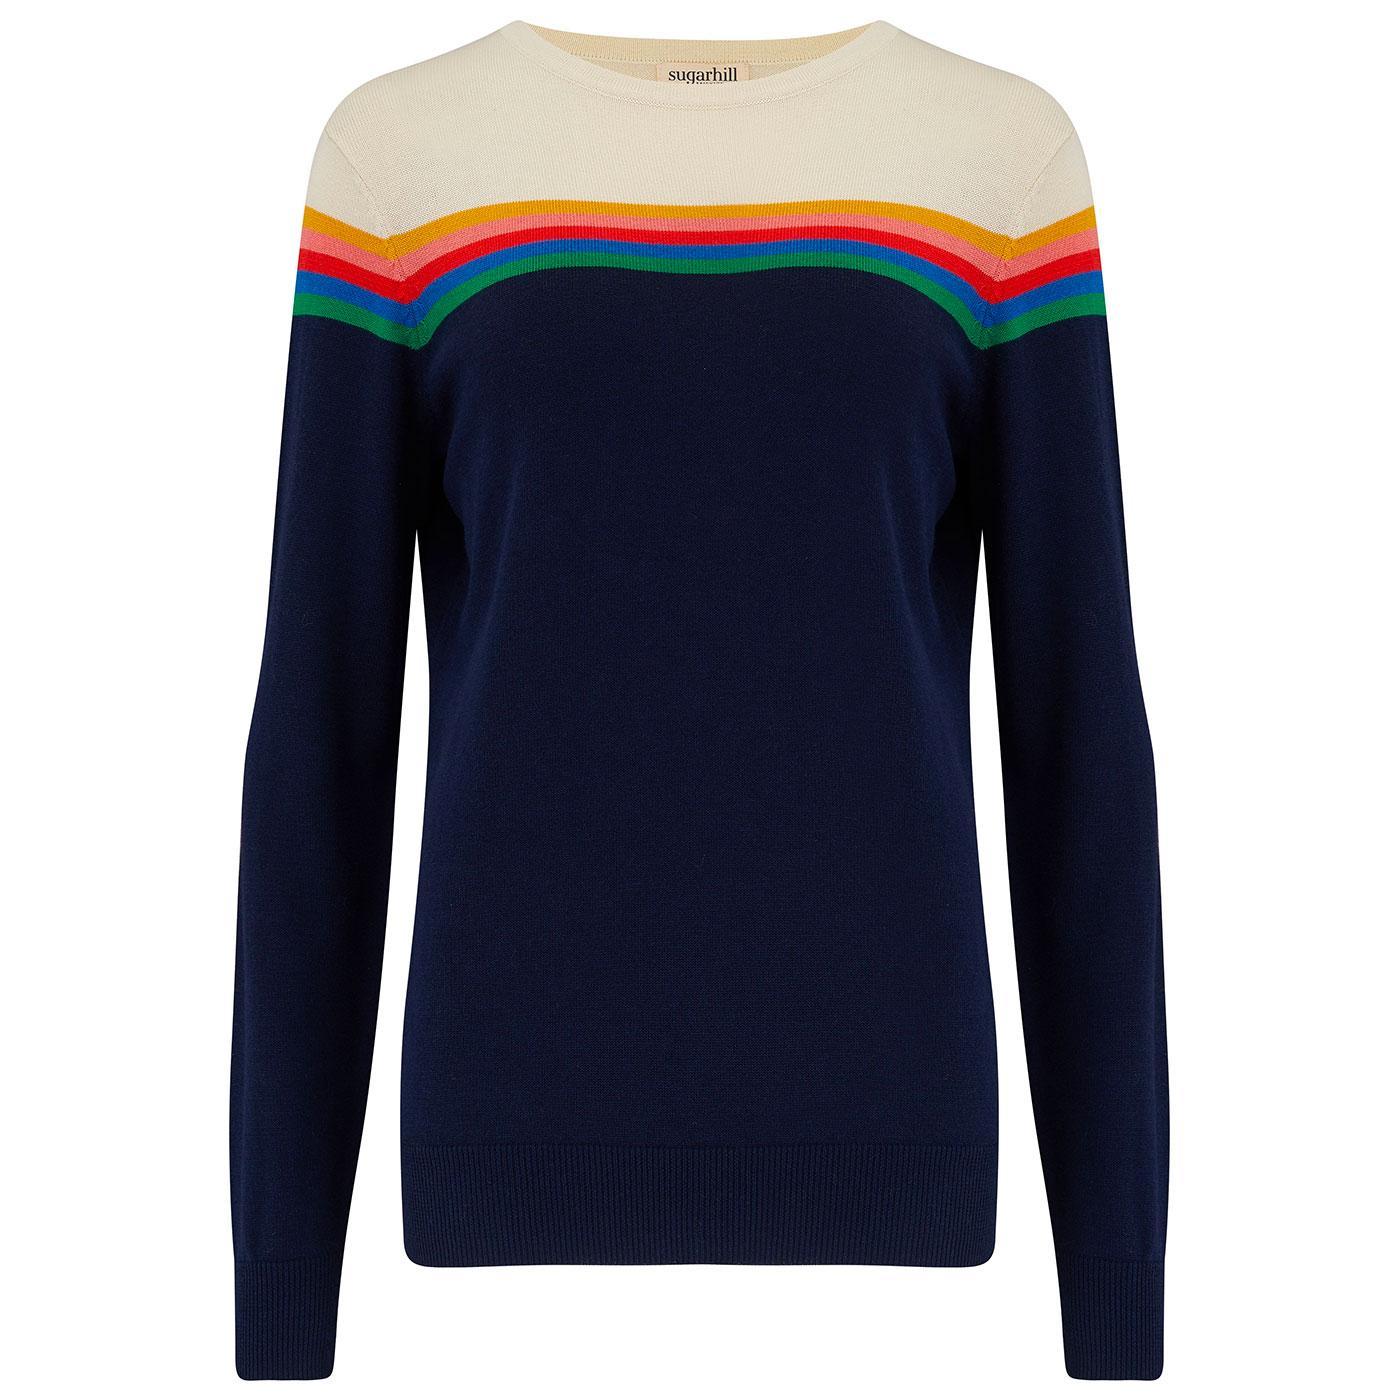 Rita SUGARHILL Retro 70s Rainbow Stripes Jumper